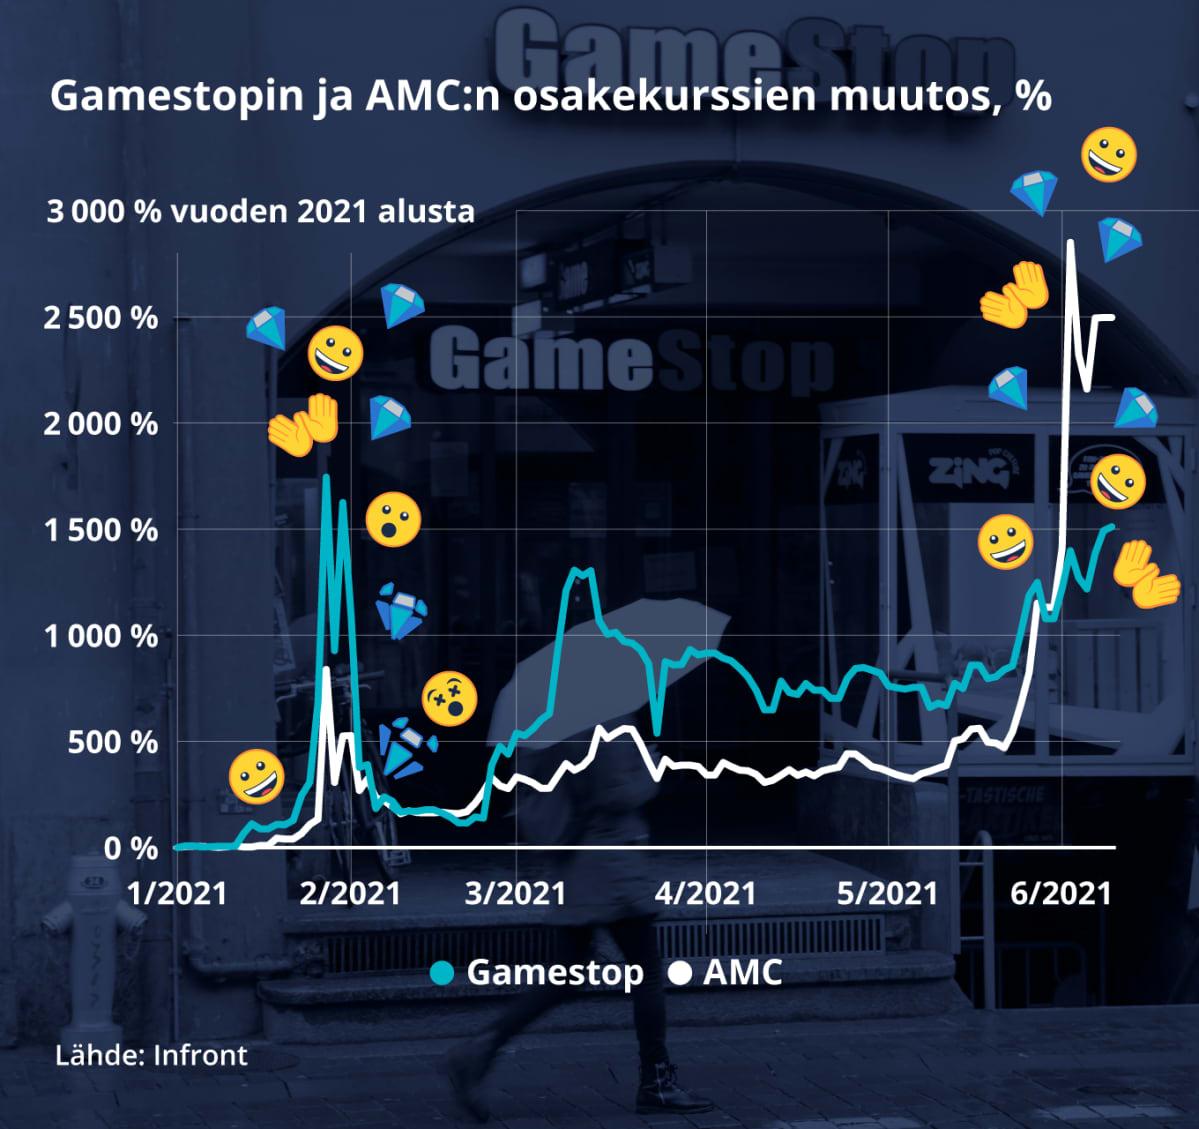 Grafiikka näyttää Gamestopin ja AMC:n osakekurssien muutoksen vuoden 2021 alusta.  Gamestopin osakkeen arvo on nyt lähes 15-kertainen alkuvuoteen verrattuna. AMC:n osakkeen arvo on lähes 30-kertaistunut.